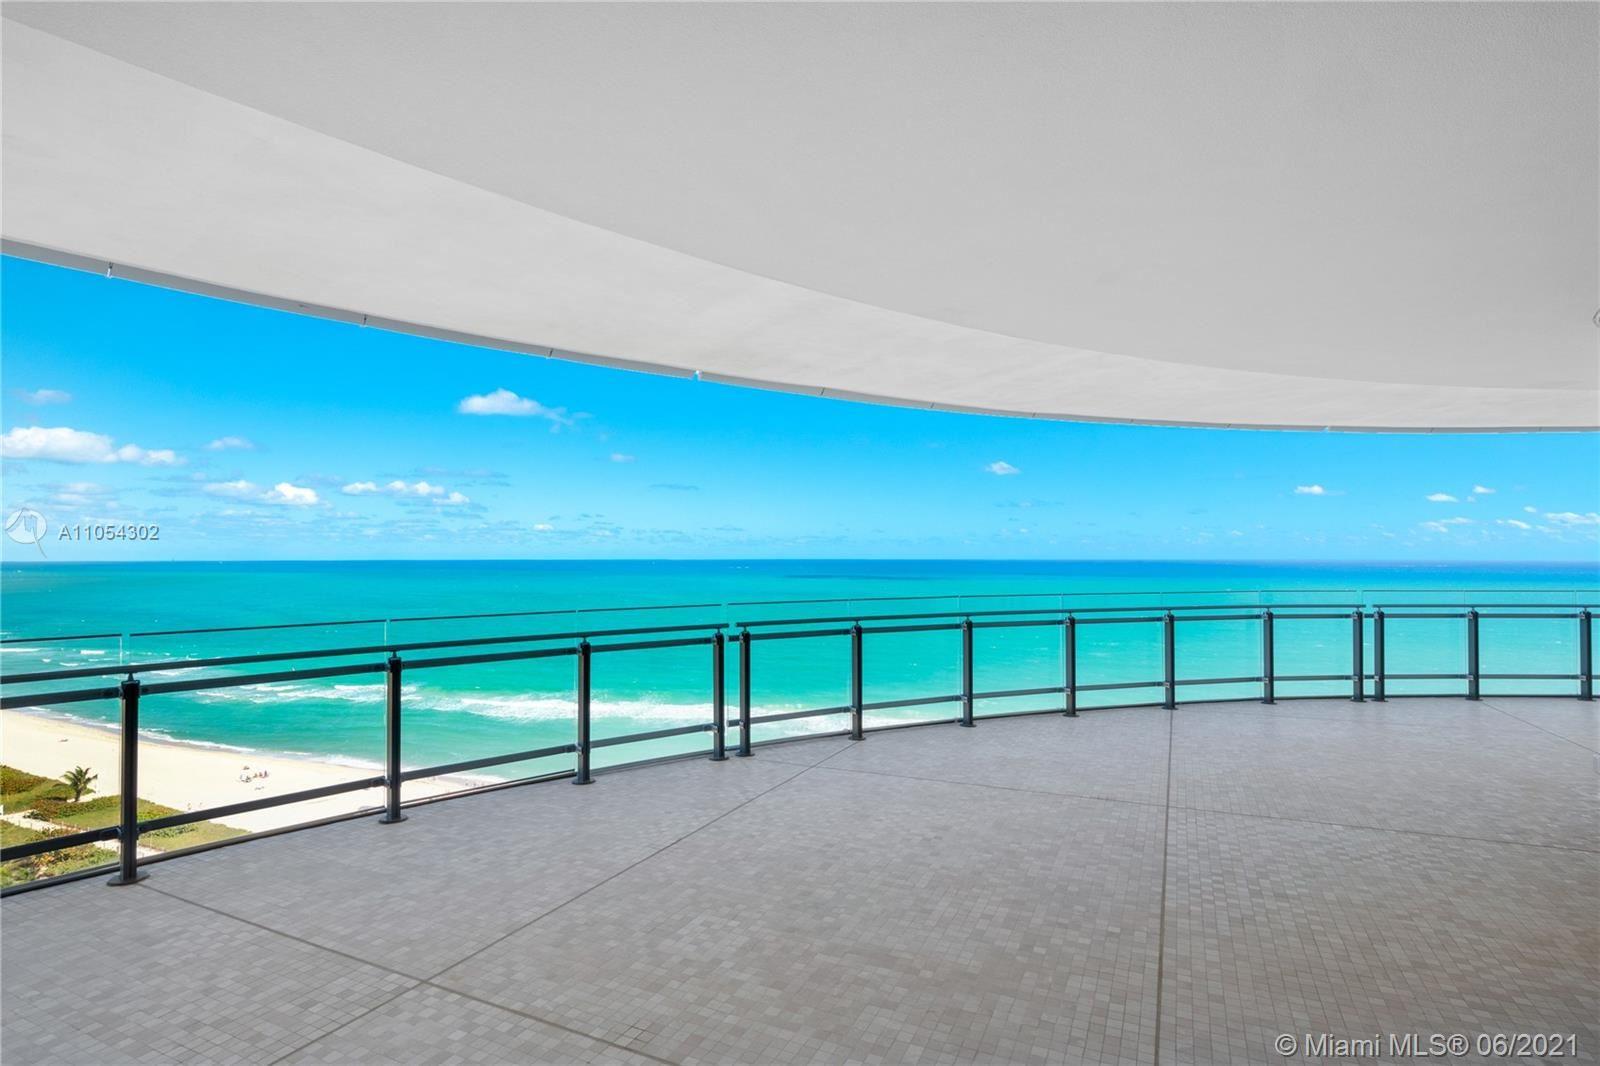 8701 Collins Ave #1501, Miami Beach, FL 33154 - #: A11054302